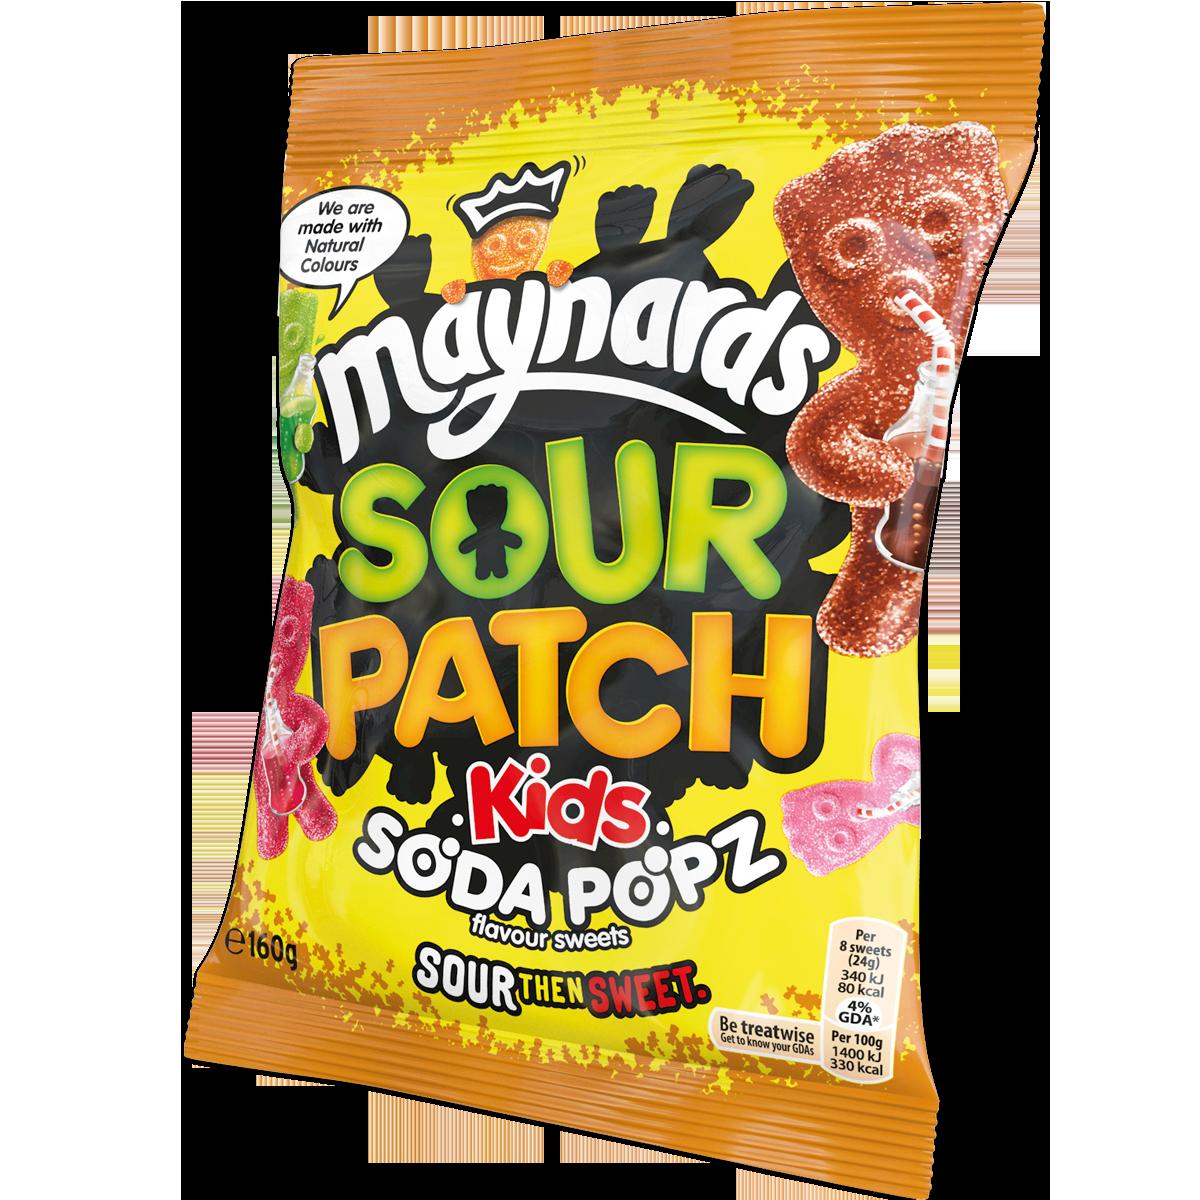 Cadbury Gifts Direct Sour Patch Kids Soda Popz